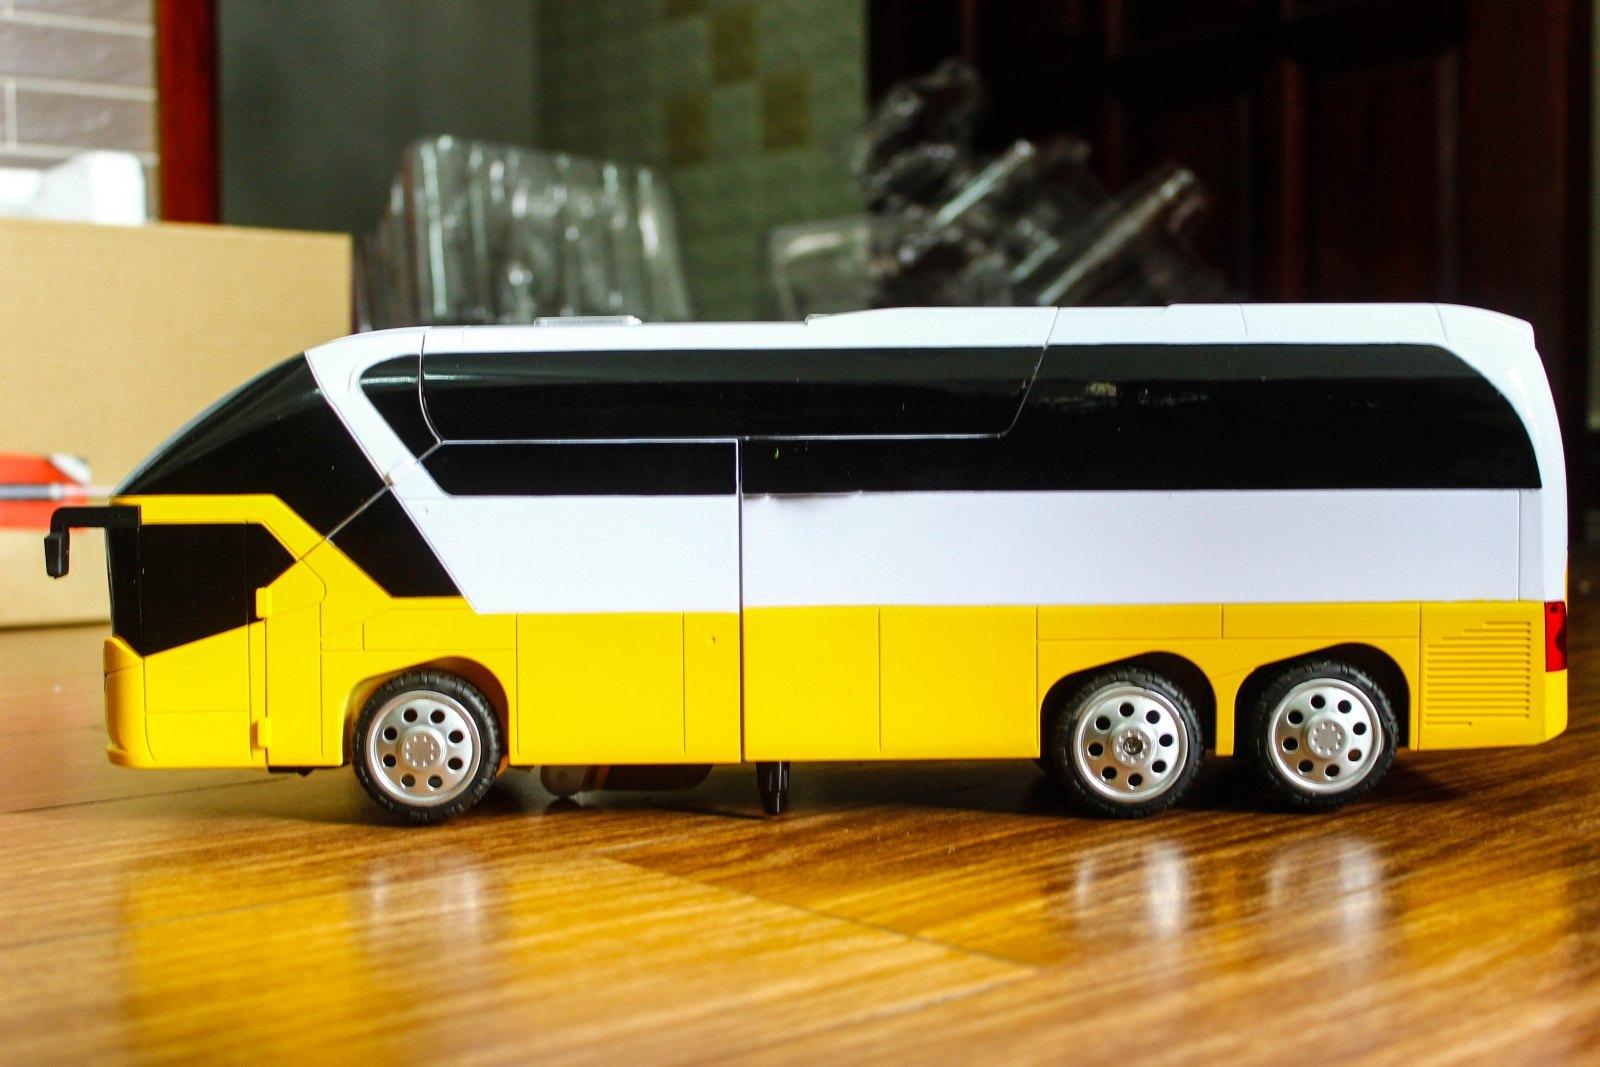 giá bán xe robot biến hình rẻ đẹp tại tphcm 0003